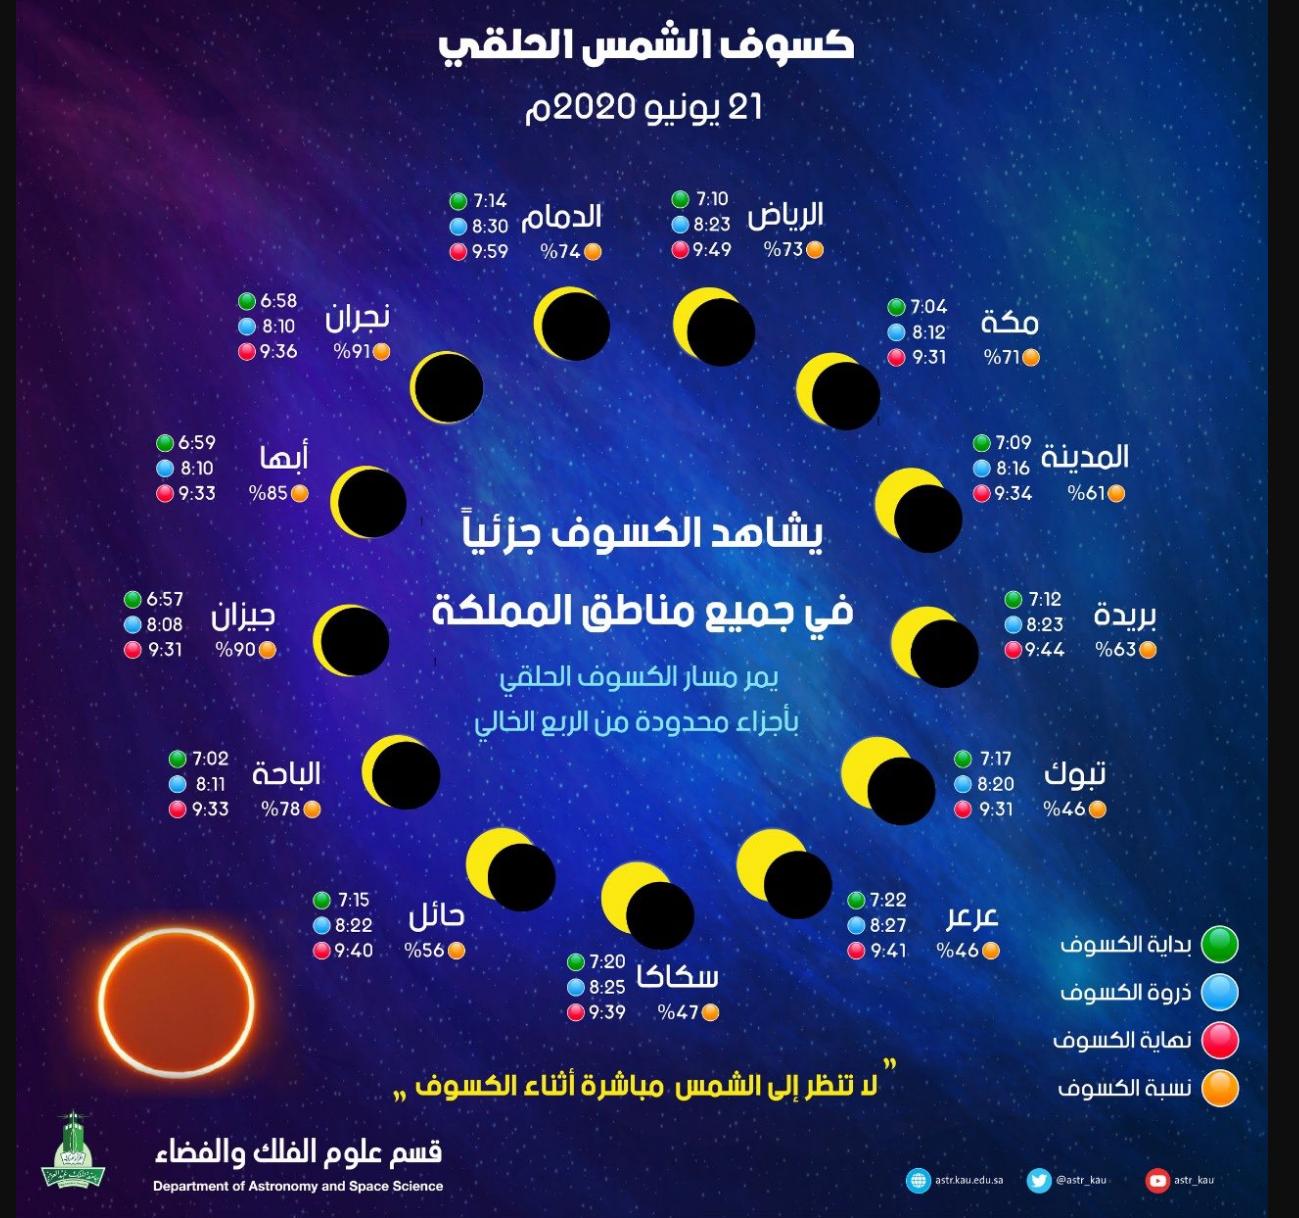 كسوف الشمس الحلقي في السعودية